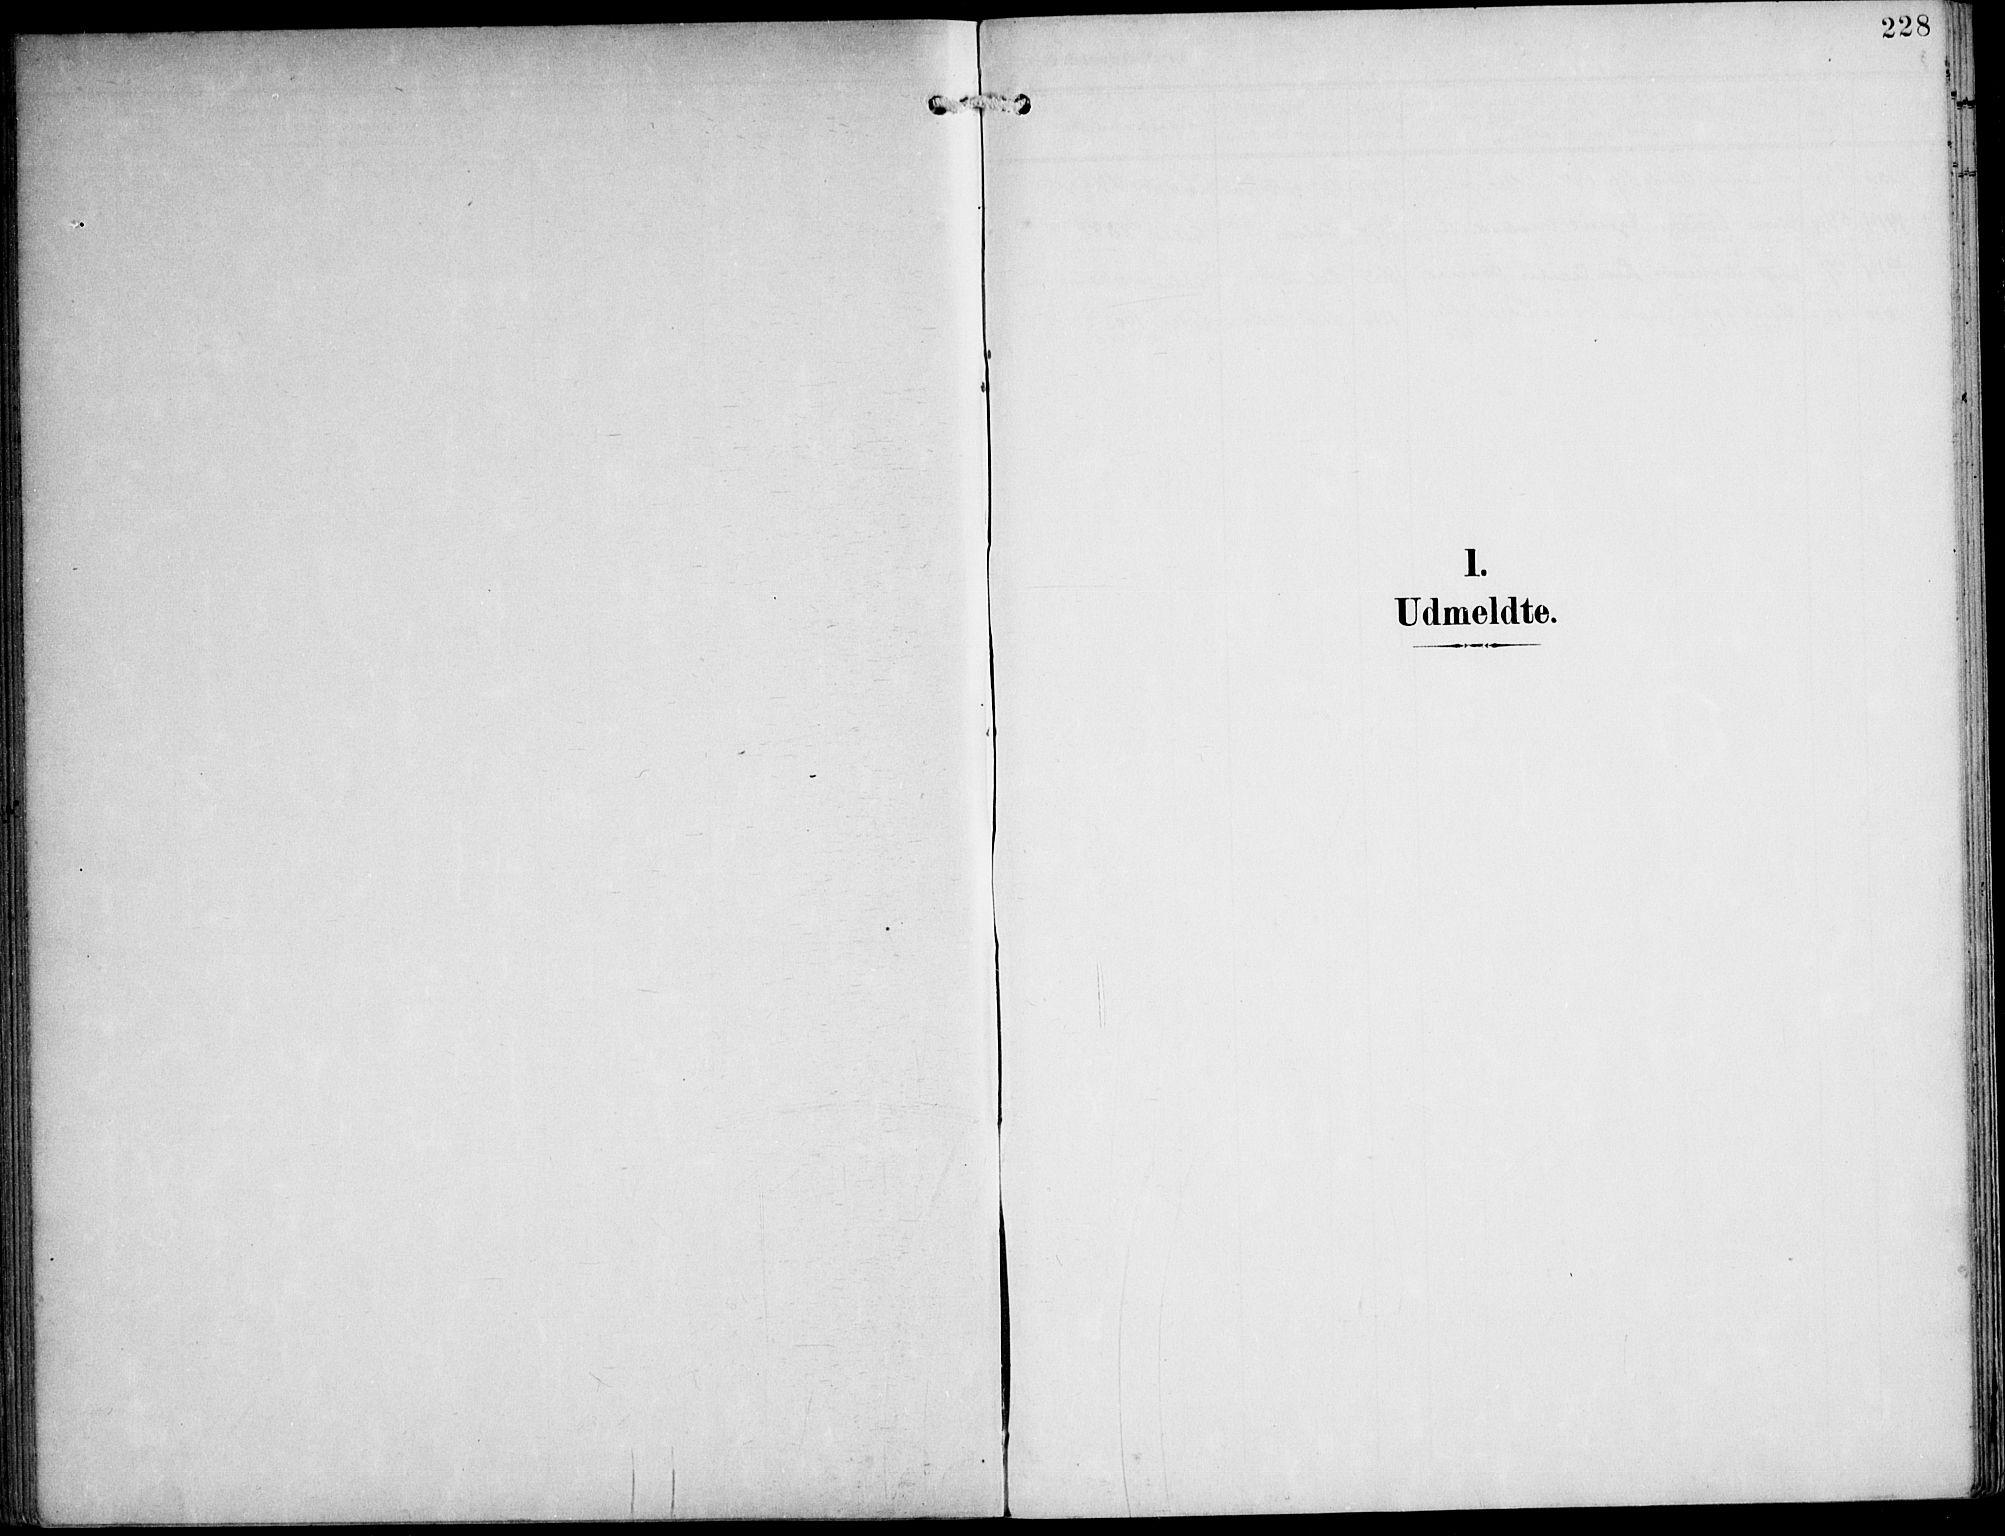 SAT, Ministerialprotokoller, klokkerbøker og fødselsregistre - Nord-Trøndelag, 788/L0698: Ministerialbok nr. 788A05, 1902-1921, s. 228